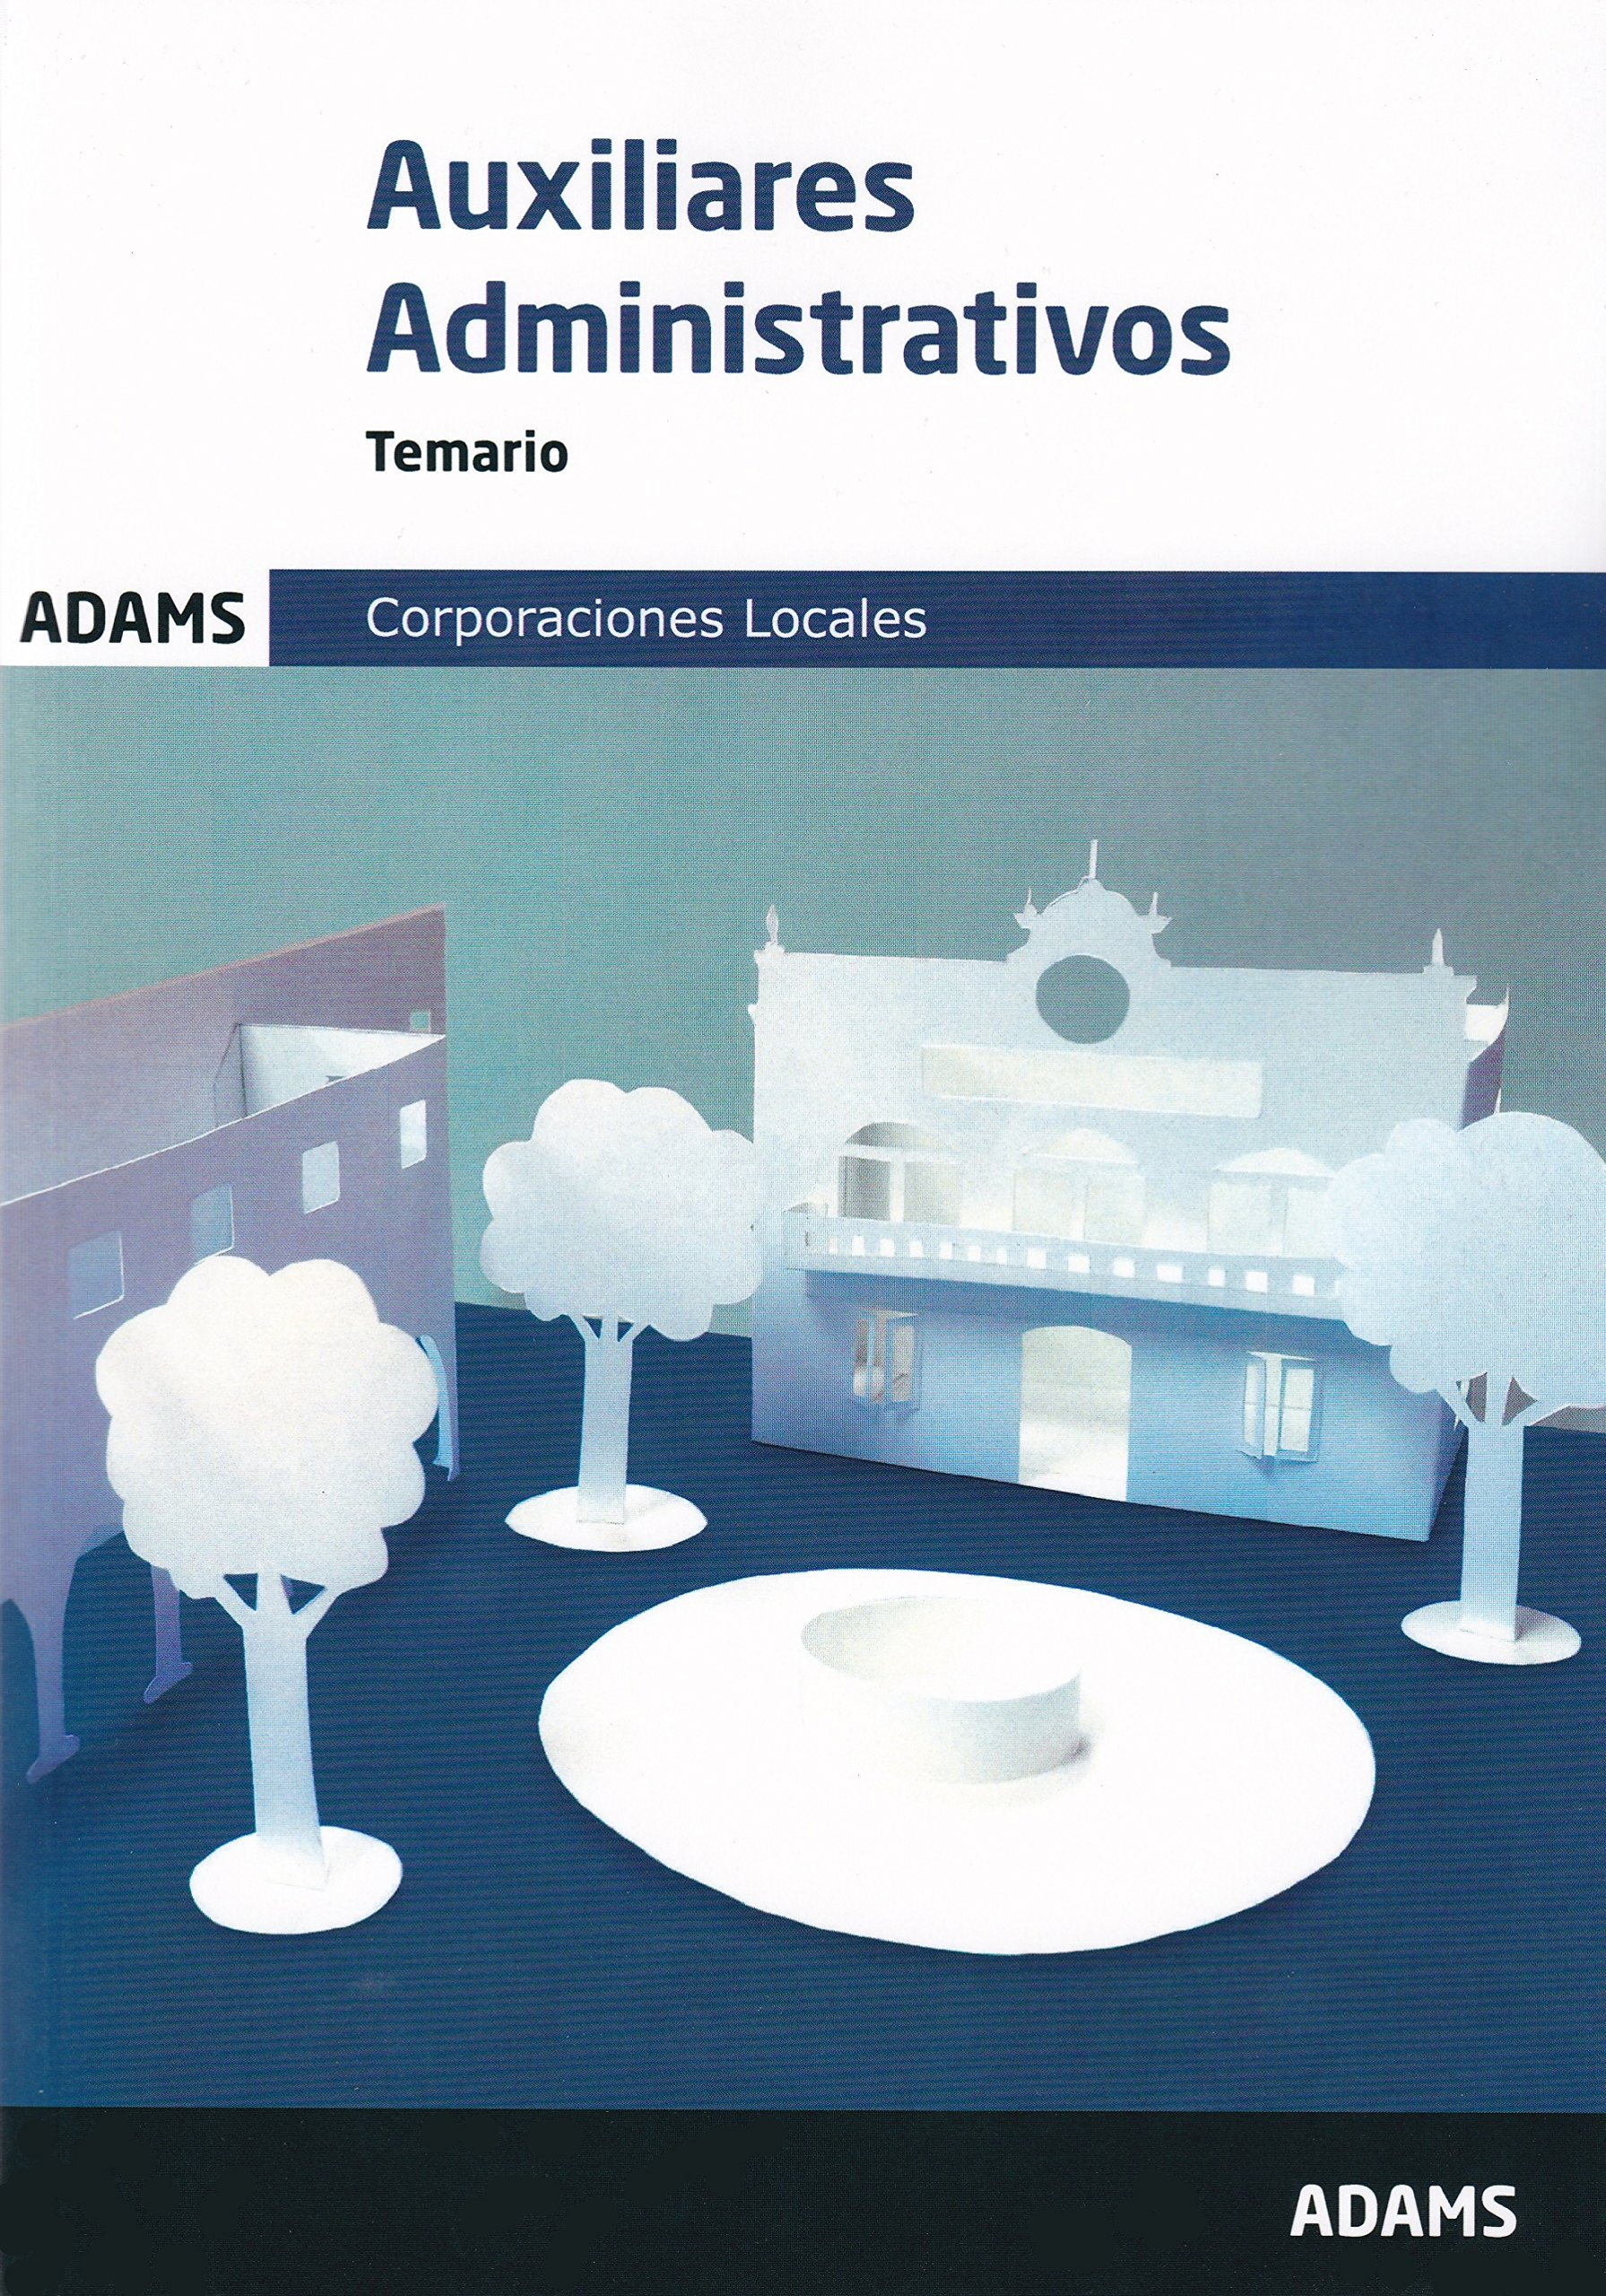 Temario Auxiliares Administrativos de las Corporaciones Locales Tapa blanda – 28 abr 2017 Obra colectiva Adams 8491471448 JPP